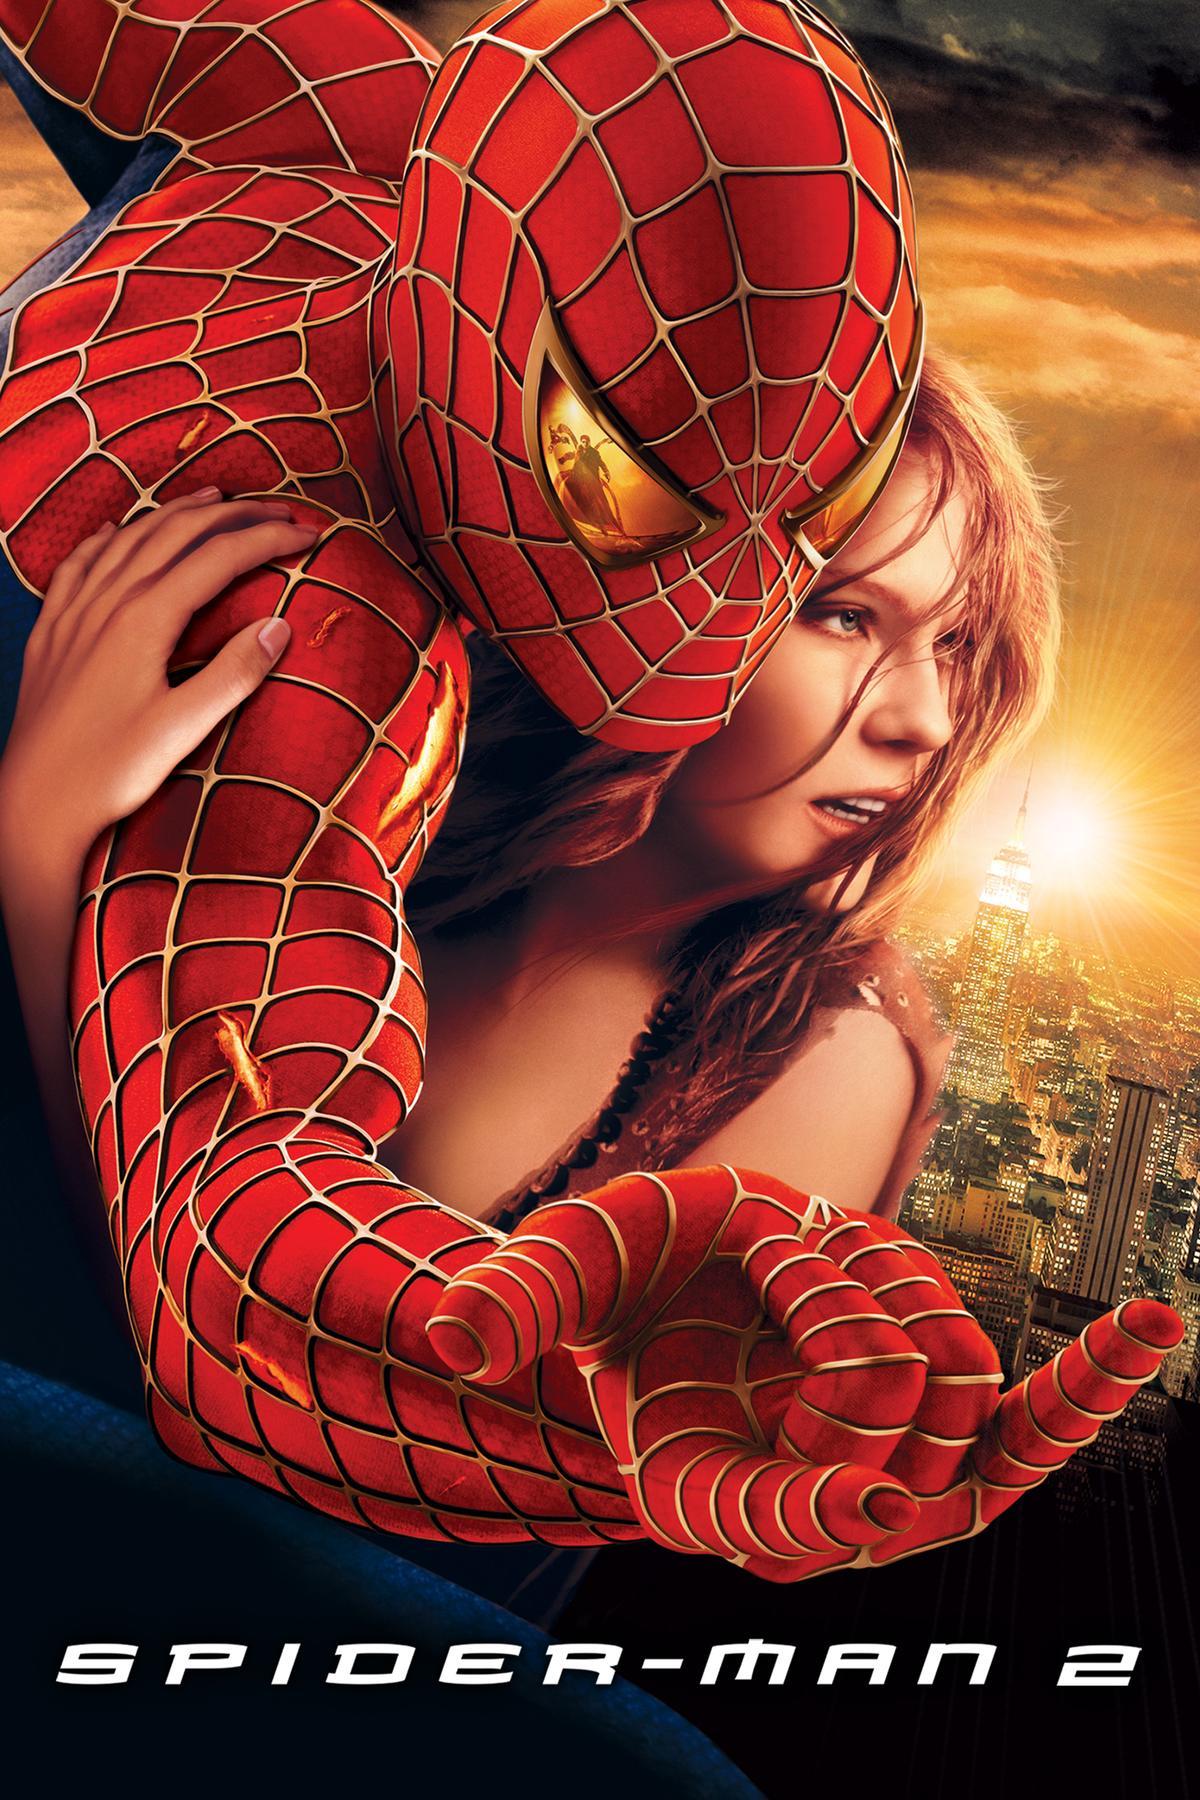 身為第一代蜘蛛女,克絲汀一點都沒在理新版,她覺得觀眾最愛的蜘蛛人電影依舊是她與托比麥奎爾演出的版本。(網路圖片)